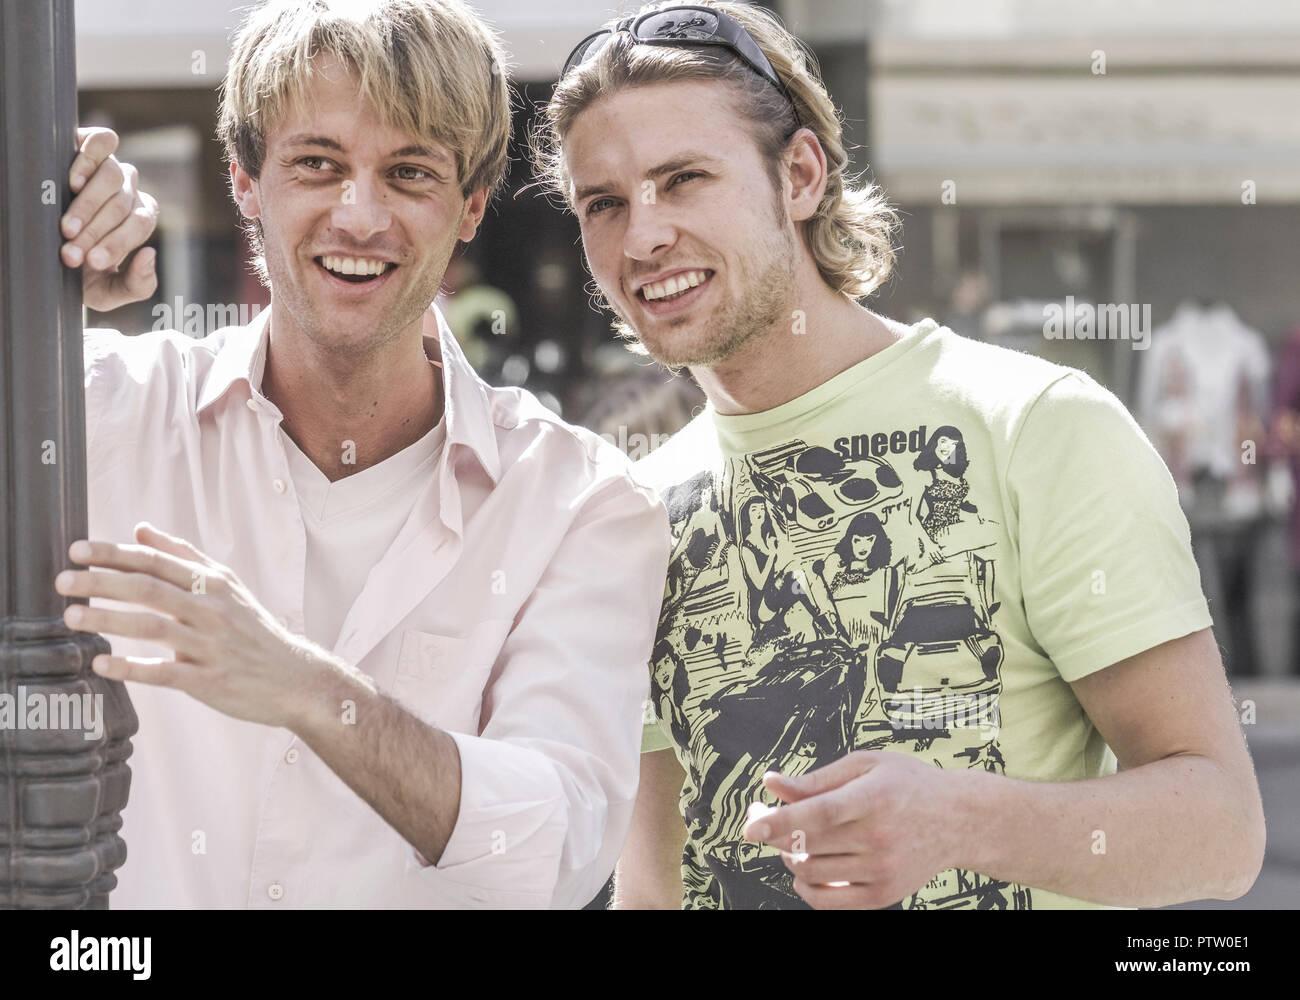 Zwei Maenner stehen zusammen, lachen (model-released) - Stock Image